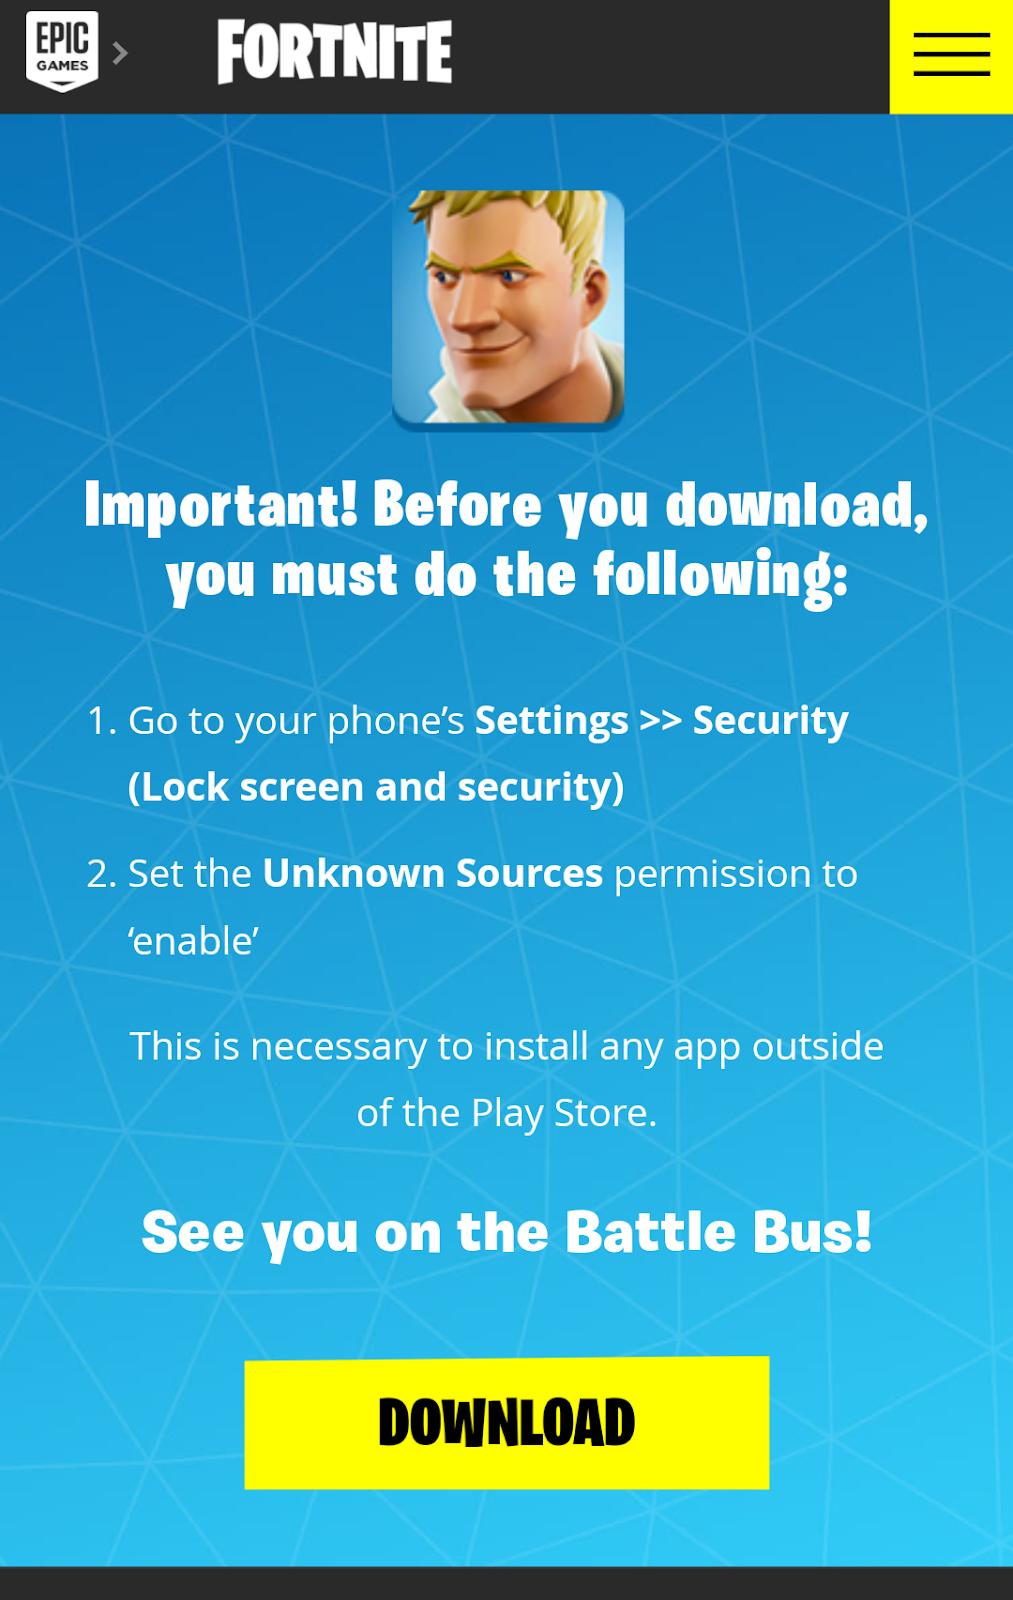 Cara Membuka dan Memainkan Game Fortnite di Android - Duosia